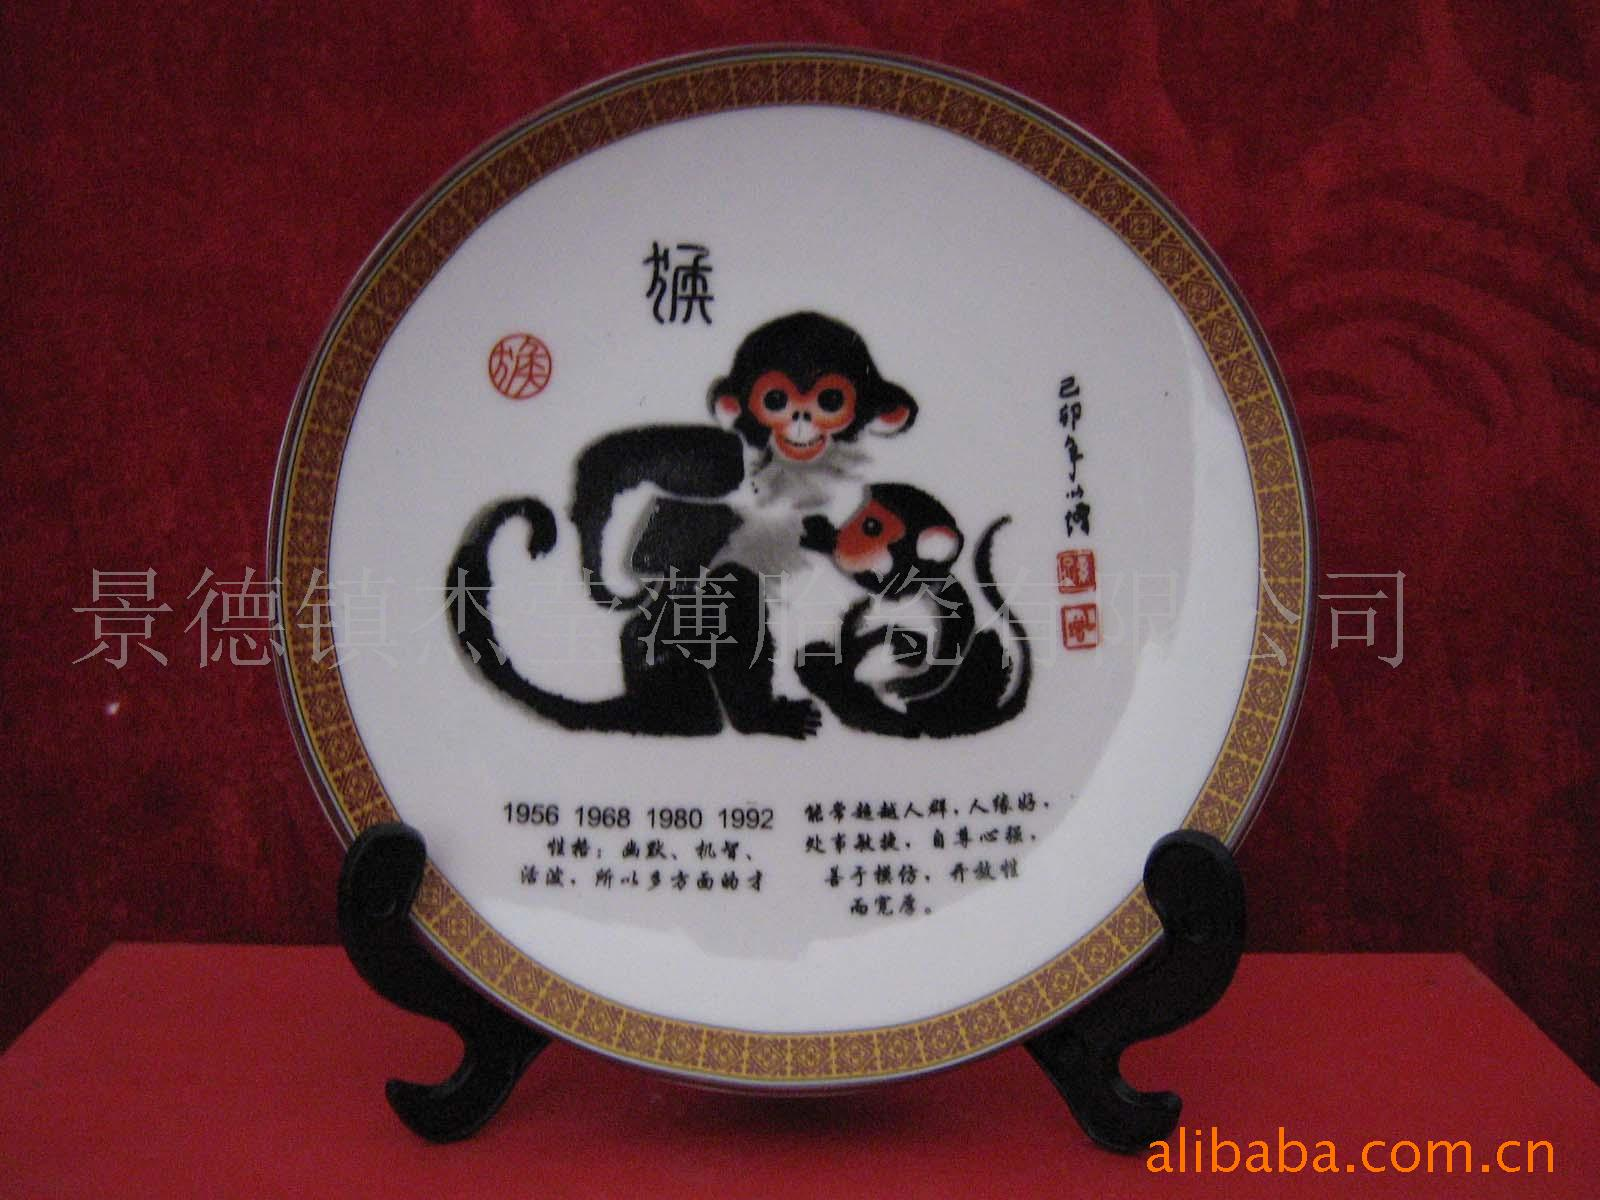 供应12生肖猴陶瓷挂盘 景德镇陶瓷挂盘 陶瓷工艺品